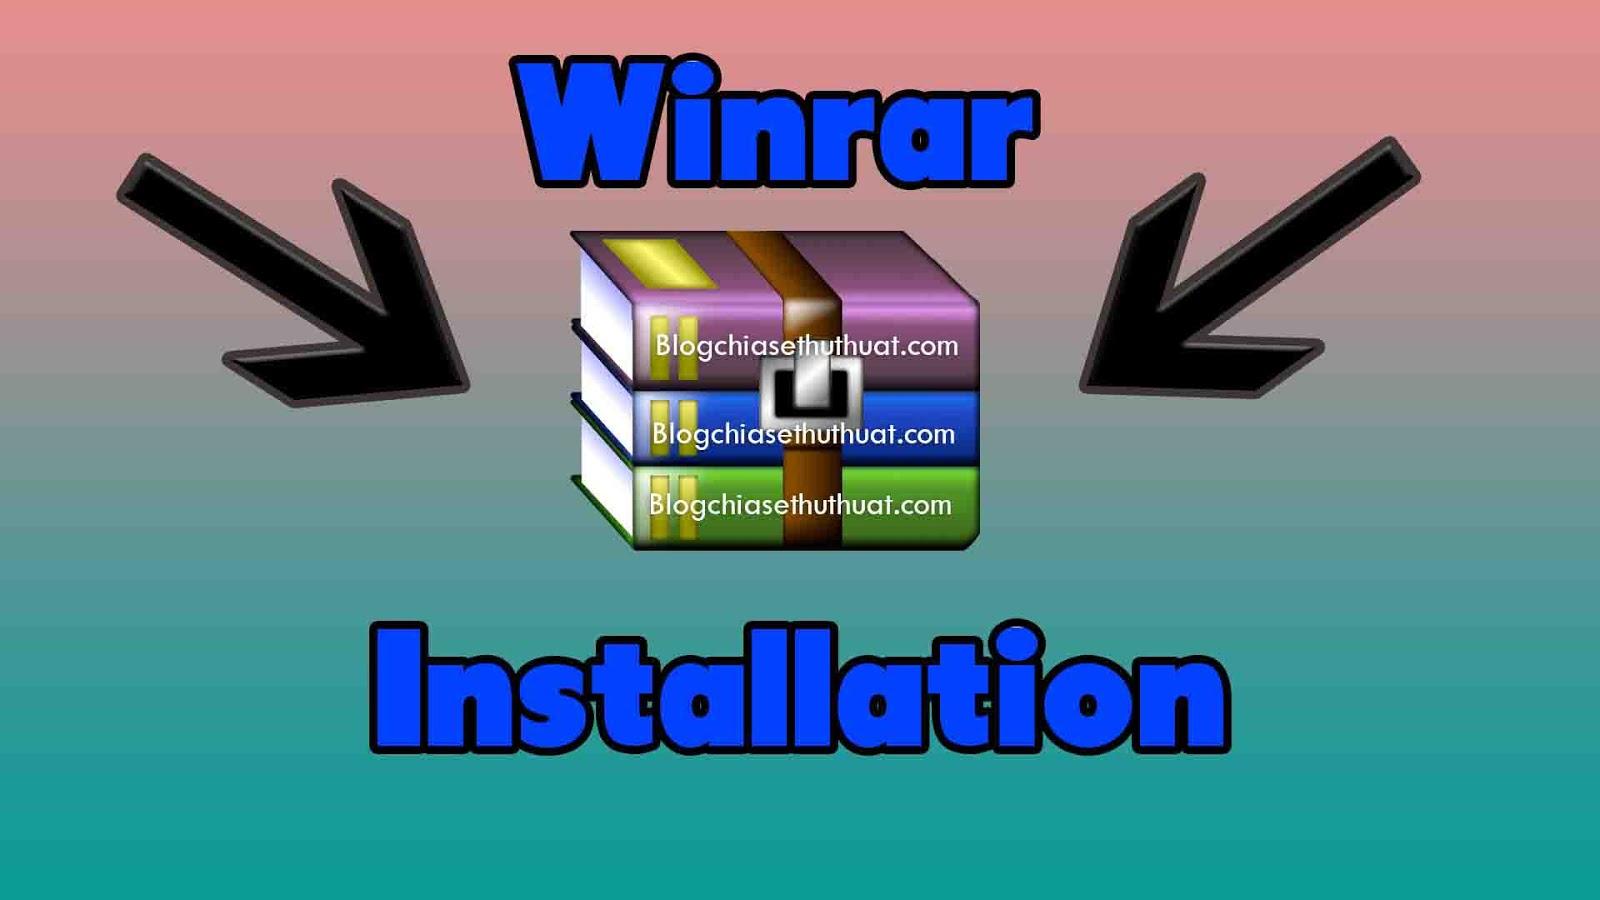 WinRAR - Download WinRAR 5.40 Phần mềm nén và giải nén file cho máy tính